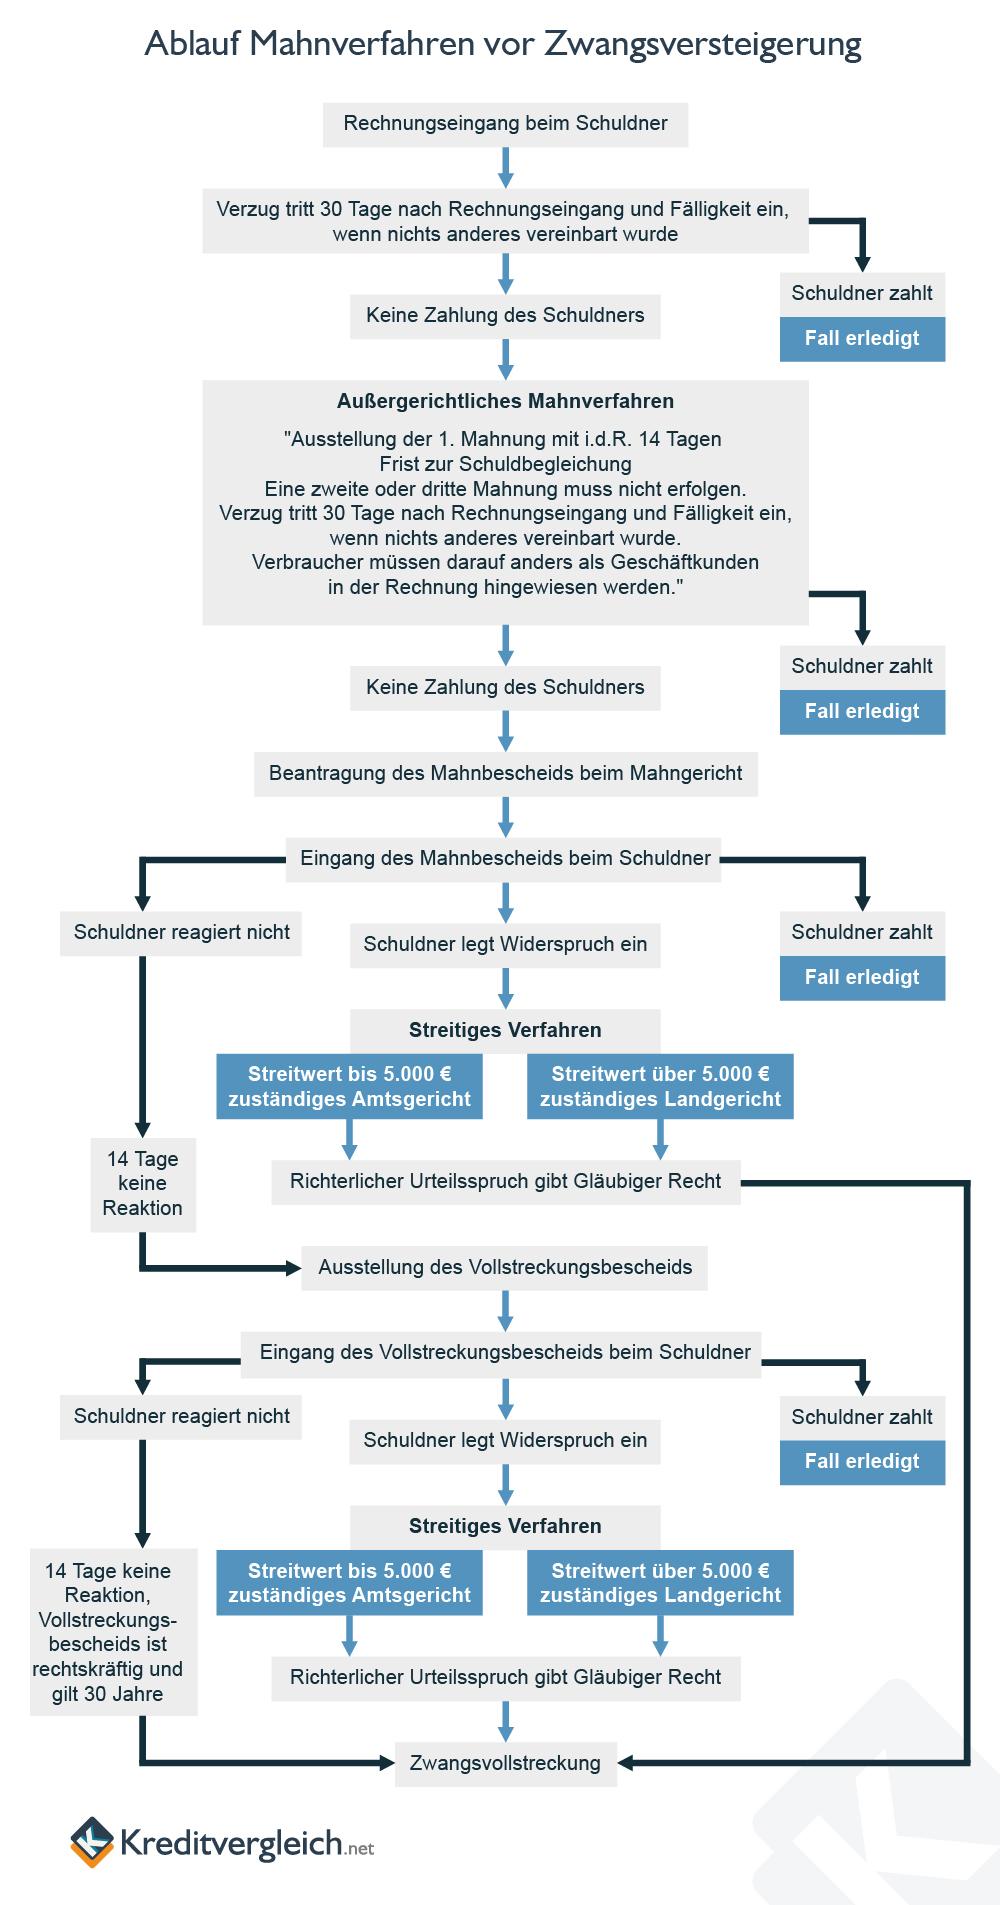 Infografik zum Ablauf eines Mahnverfahrens vor einer Zwangsversteigerung